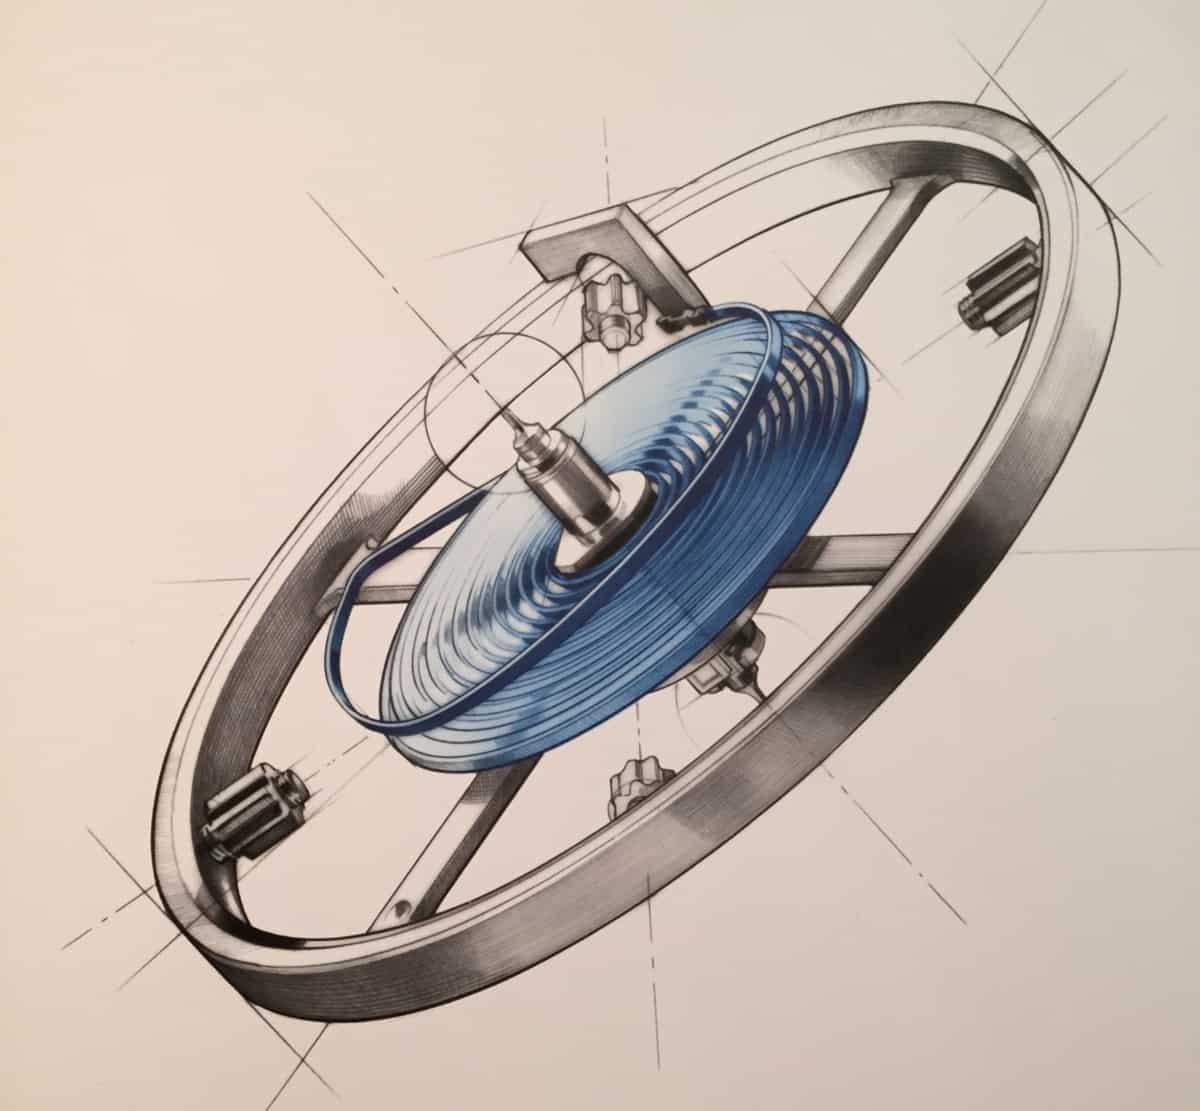 Rolex Unruh Microstella Regulierschrauben Breguetspirale